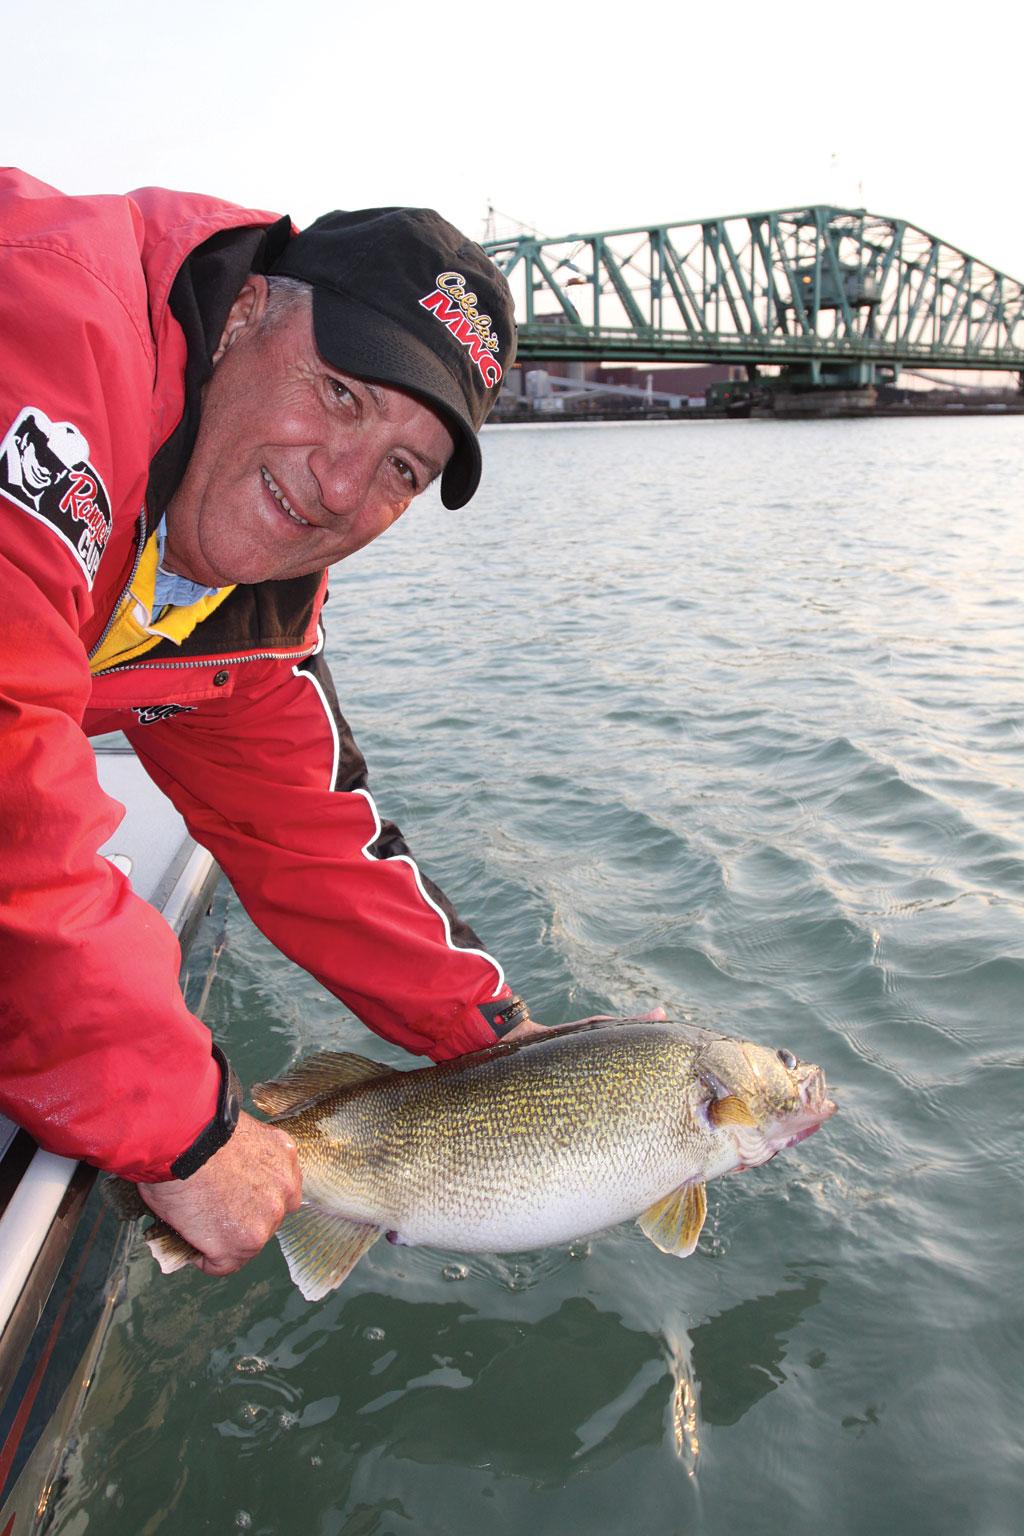 Six Best Bets for Minnesota Walleye Fishing